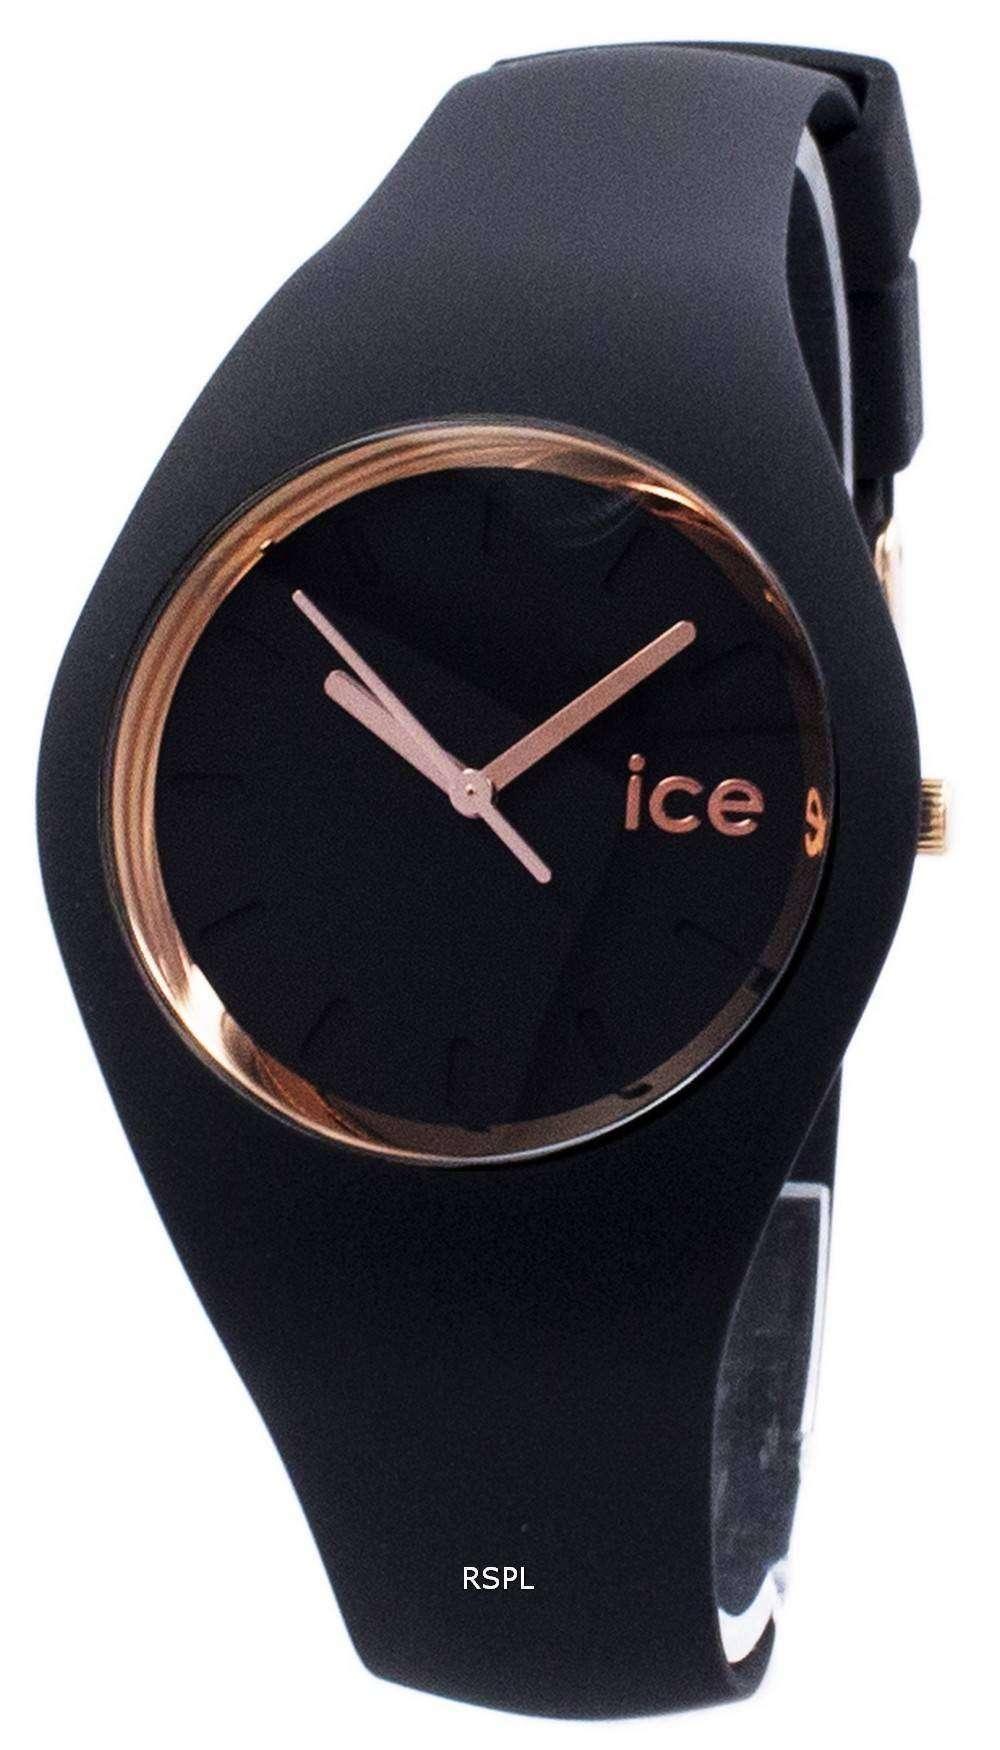 氷グラム BRG。U.S.14 石英 000980 レディース腕時計